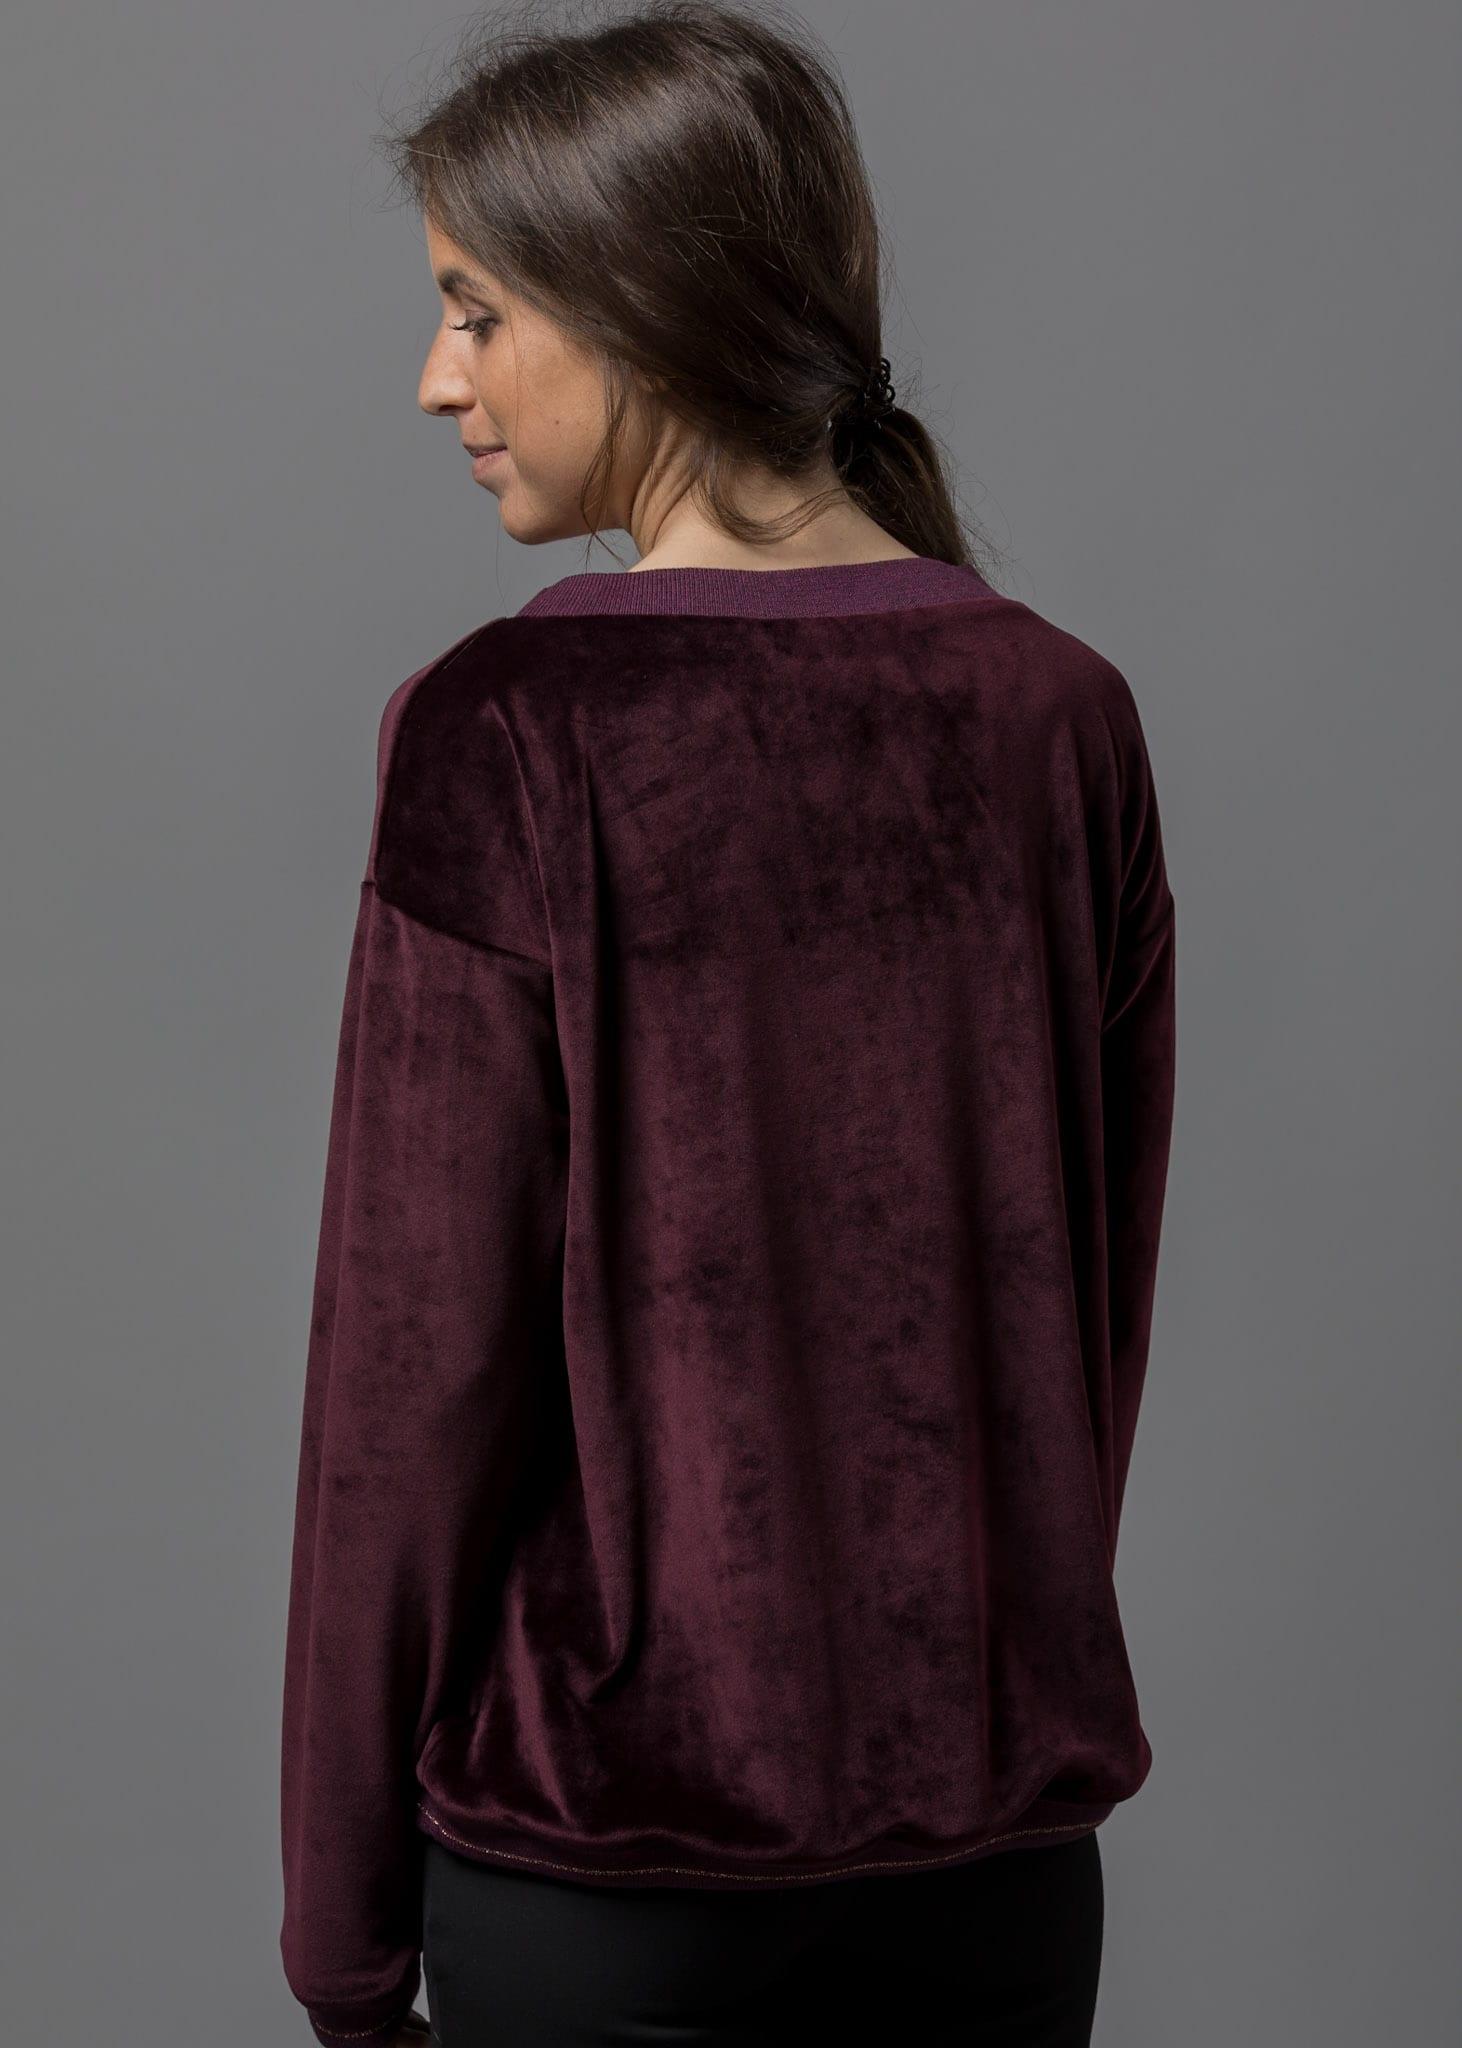 Kuschelige Samt Sweatshirt Damen von Connemara in weinrot